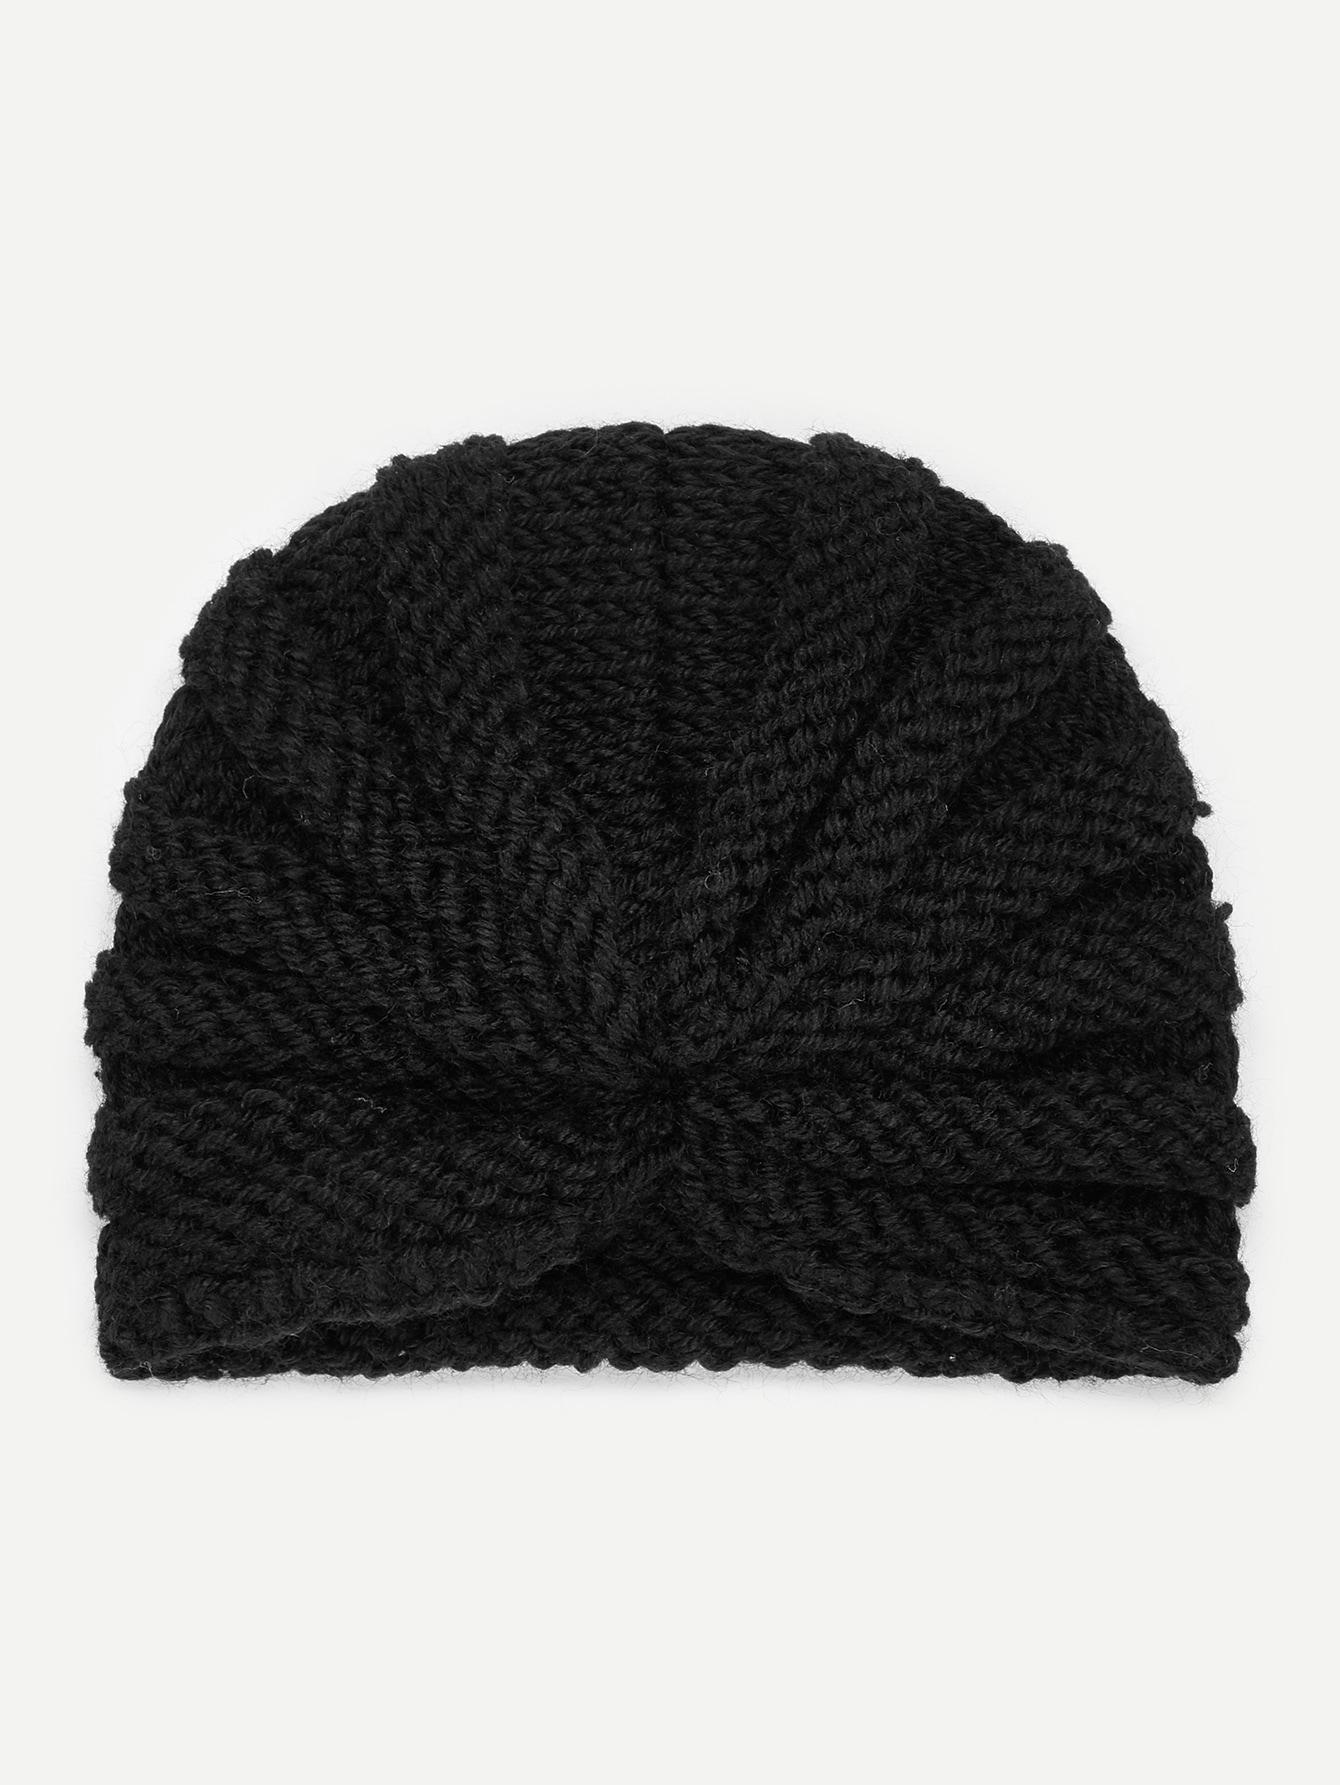 Купить Однотонная вязаная шляпа для детей, null, SheIn